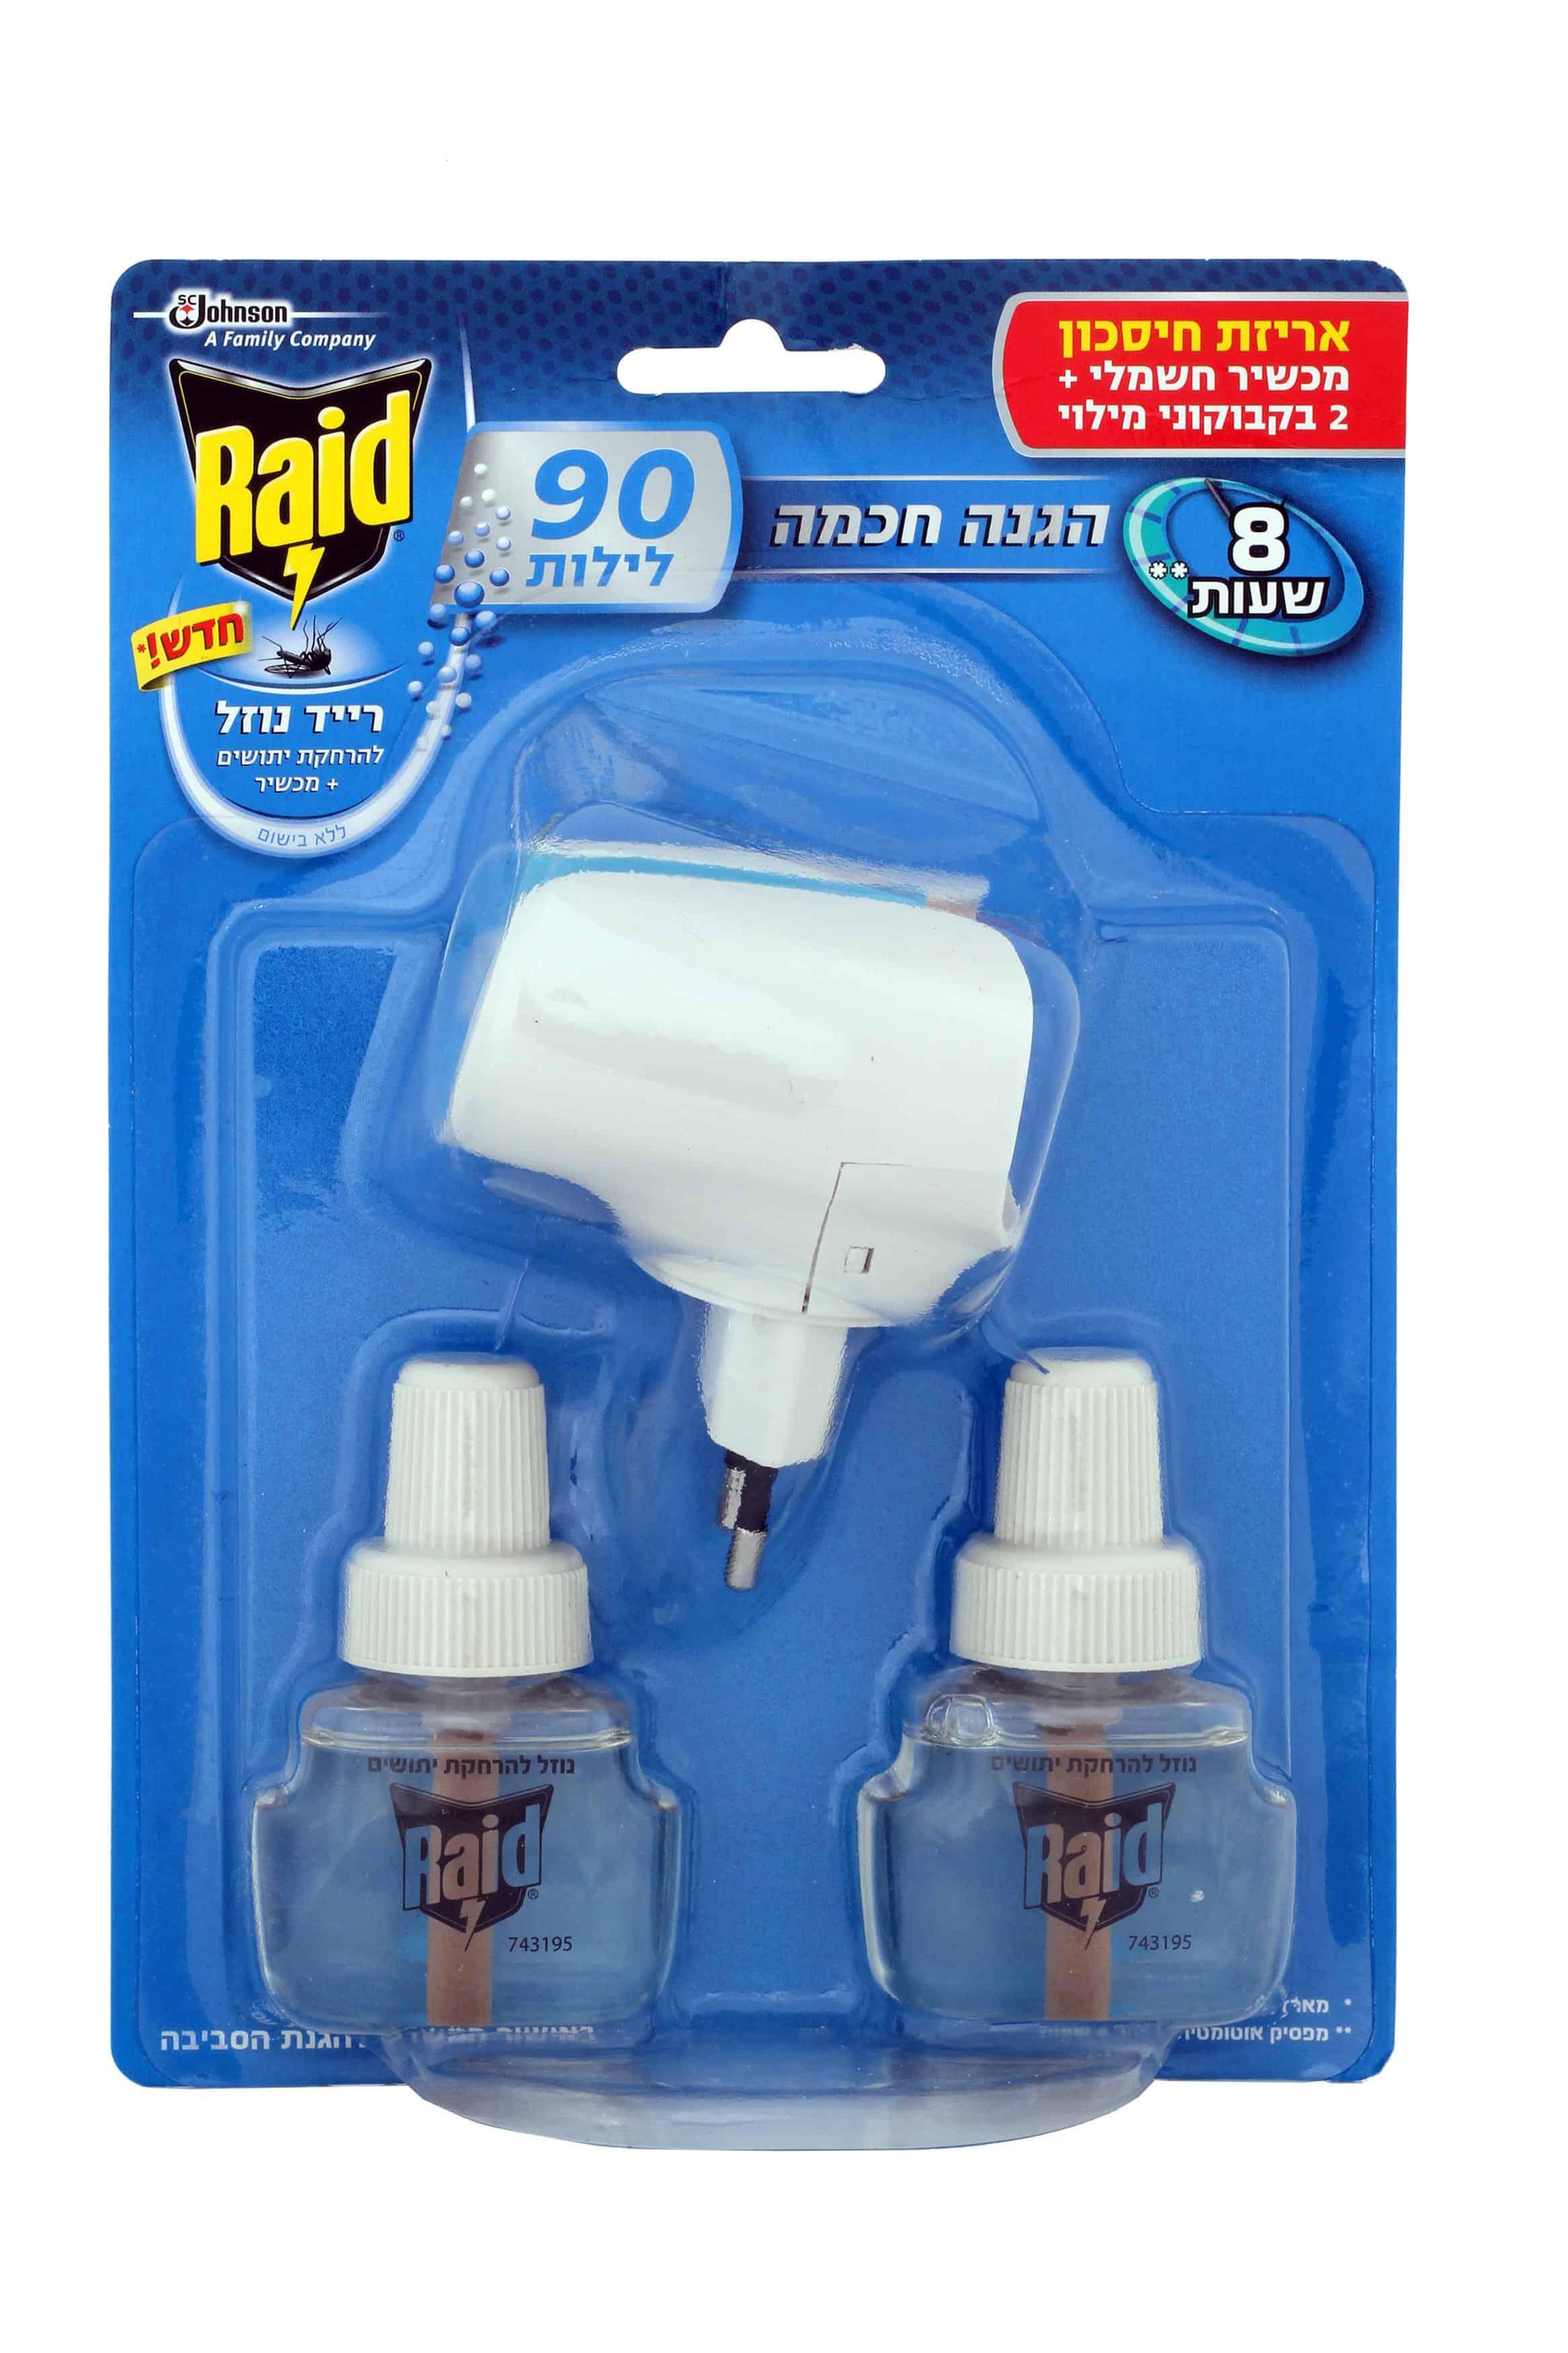 רייד מארז חשמלי 8 שעות וזוג בקבוקוני נוזל תשעים לילות. מחיר מומלץ לצרכן...